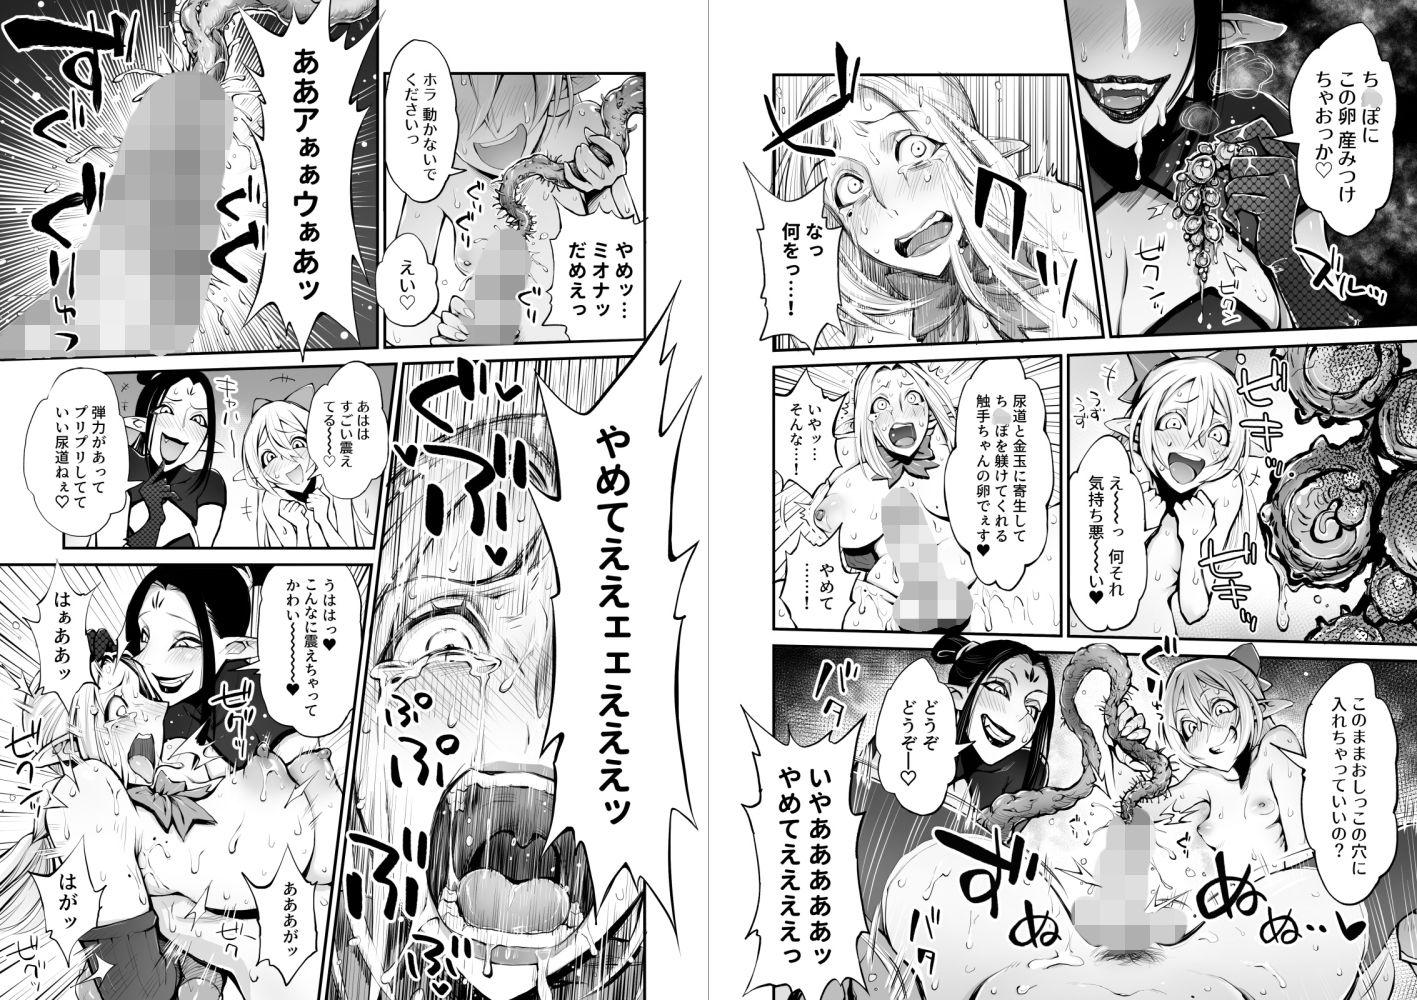 【女勇者 同人】催眠!ふたなり!近親相姦触手責め!!